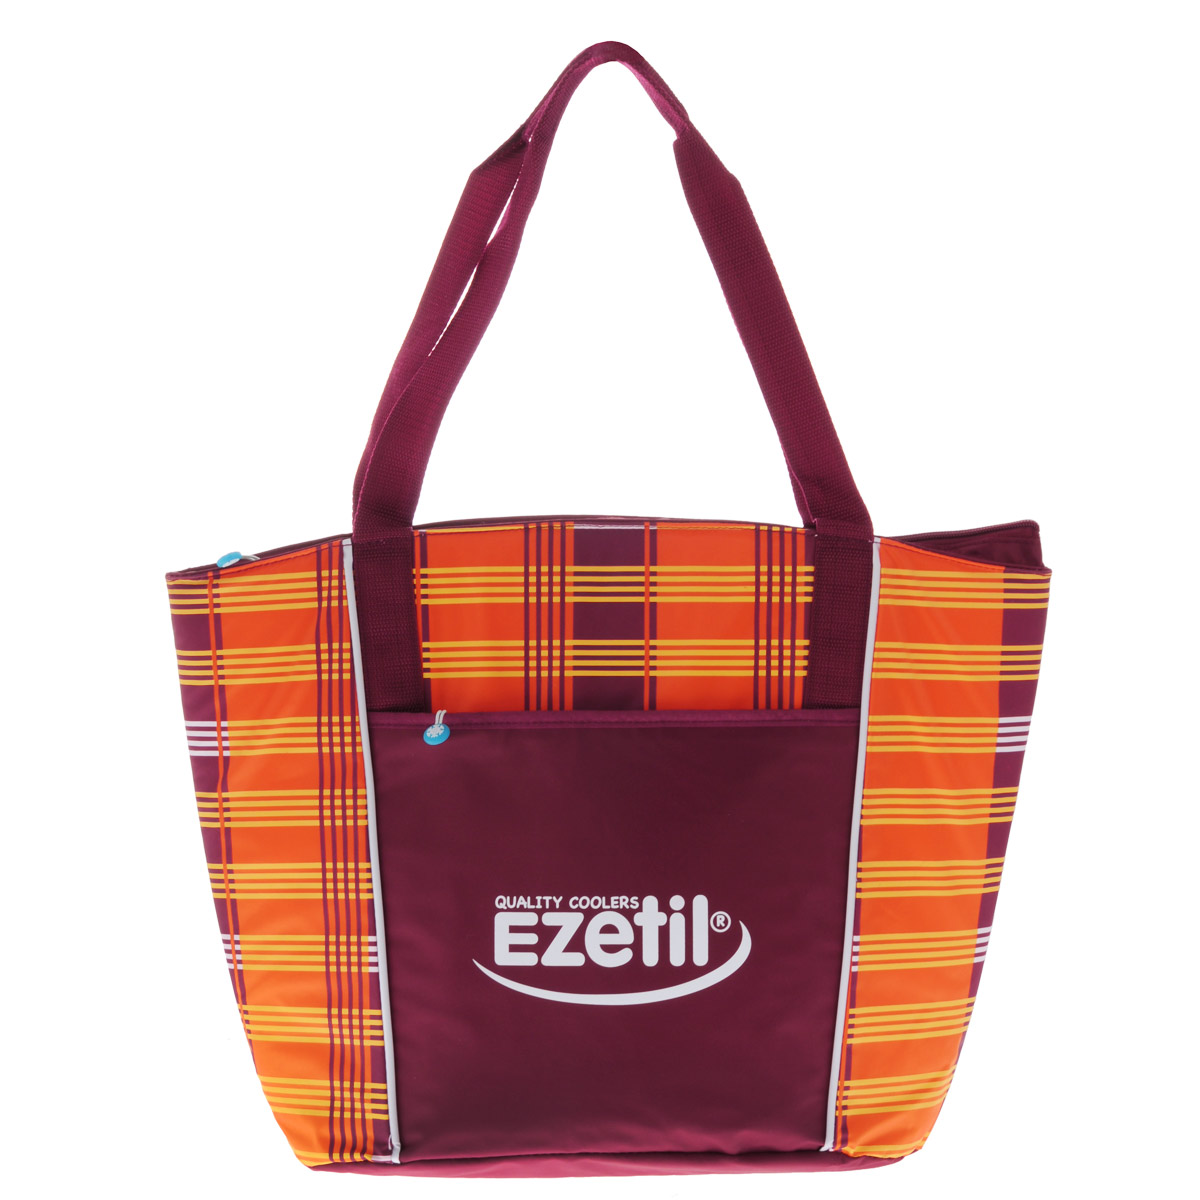 Сумка-холодильник Ezetil KC Lifestyle, цвет: оранжевый, бордовый, 25 л ezetil kc holiday